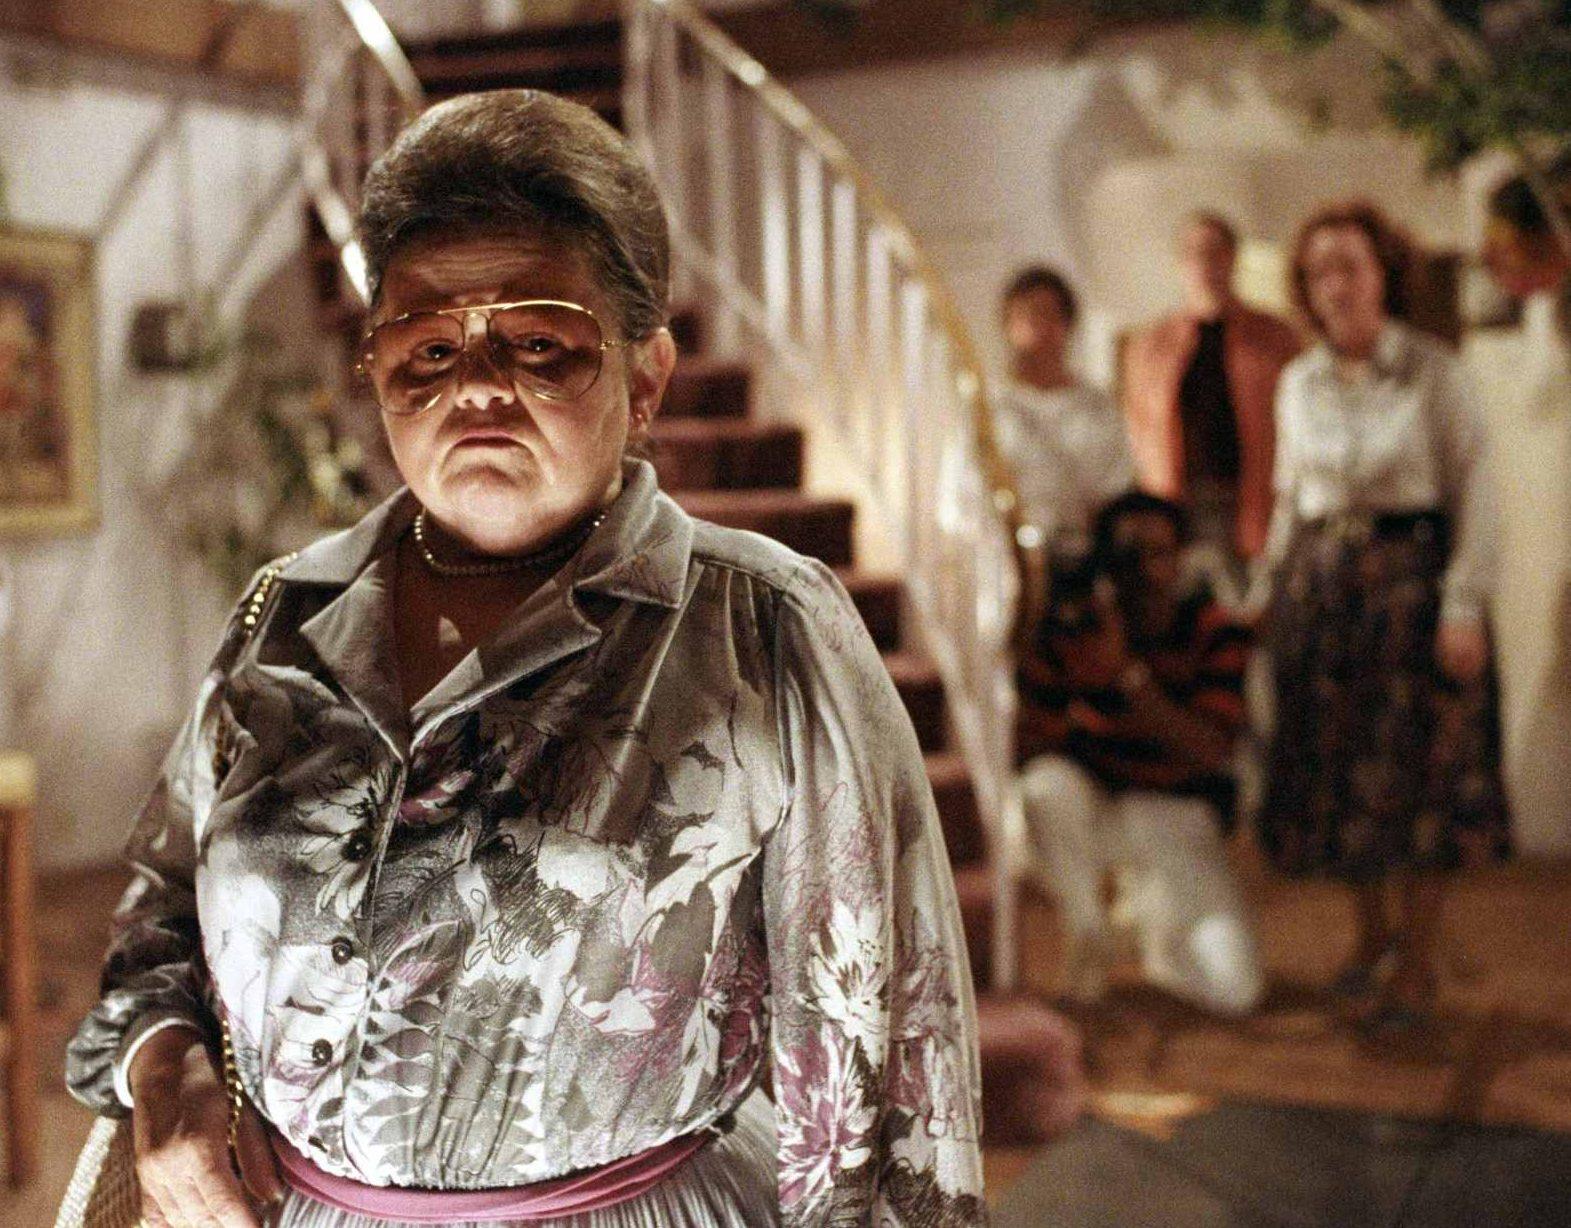 MV5BMTMxMjg0MDg3OV5BMl5BanBnXkFtZTcwMDMyMDUwNA@@. V1 e1603186498581 20 Horror Movies That Defined The 1980s